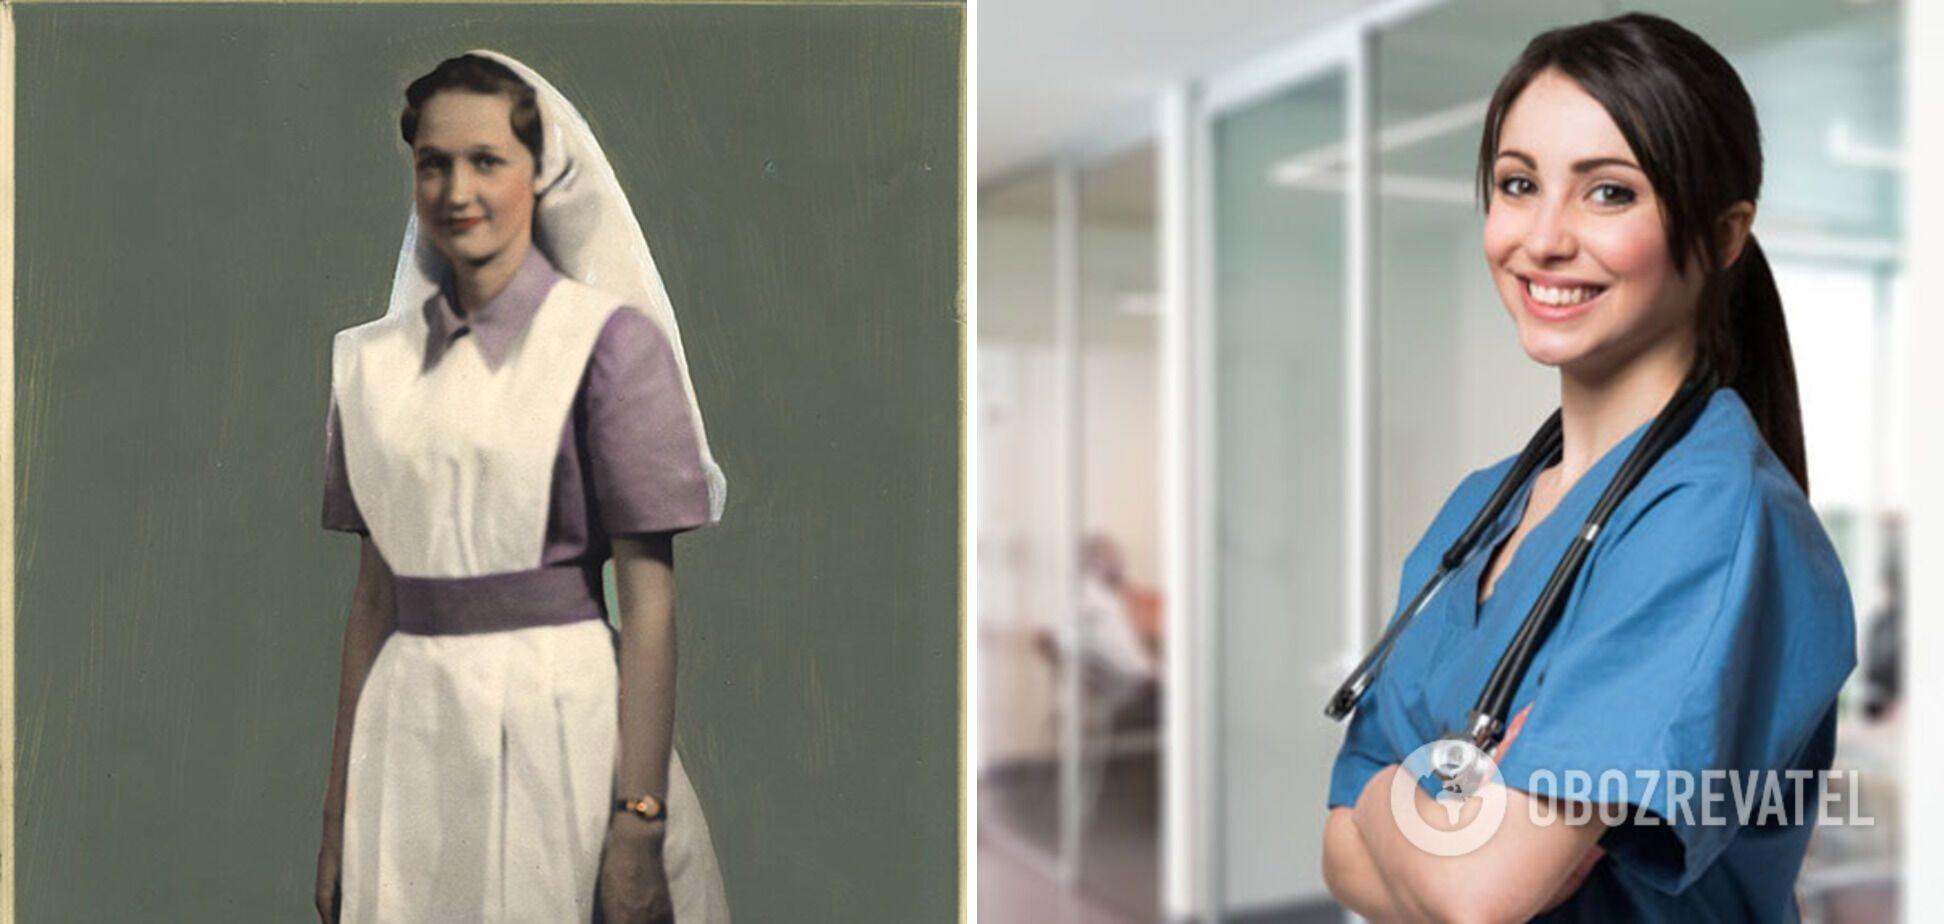 Медсестра в начале XX века и современный врач.